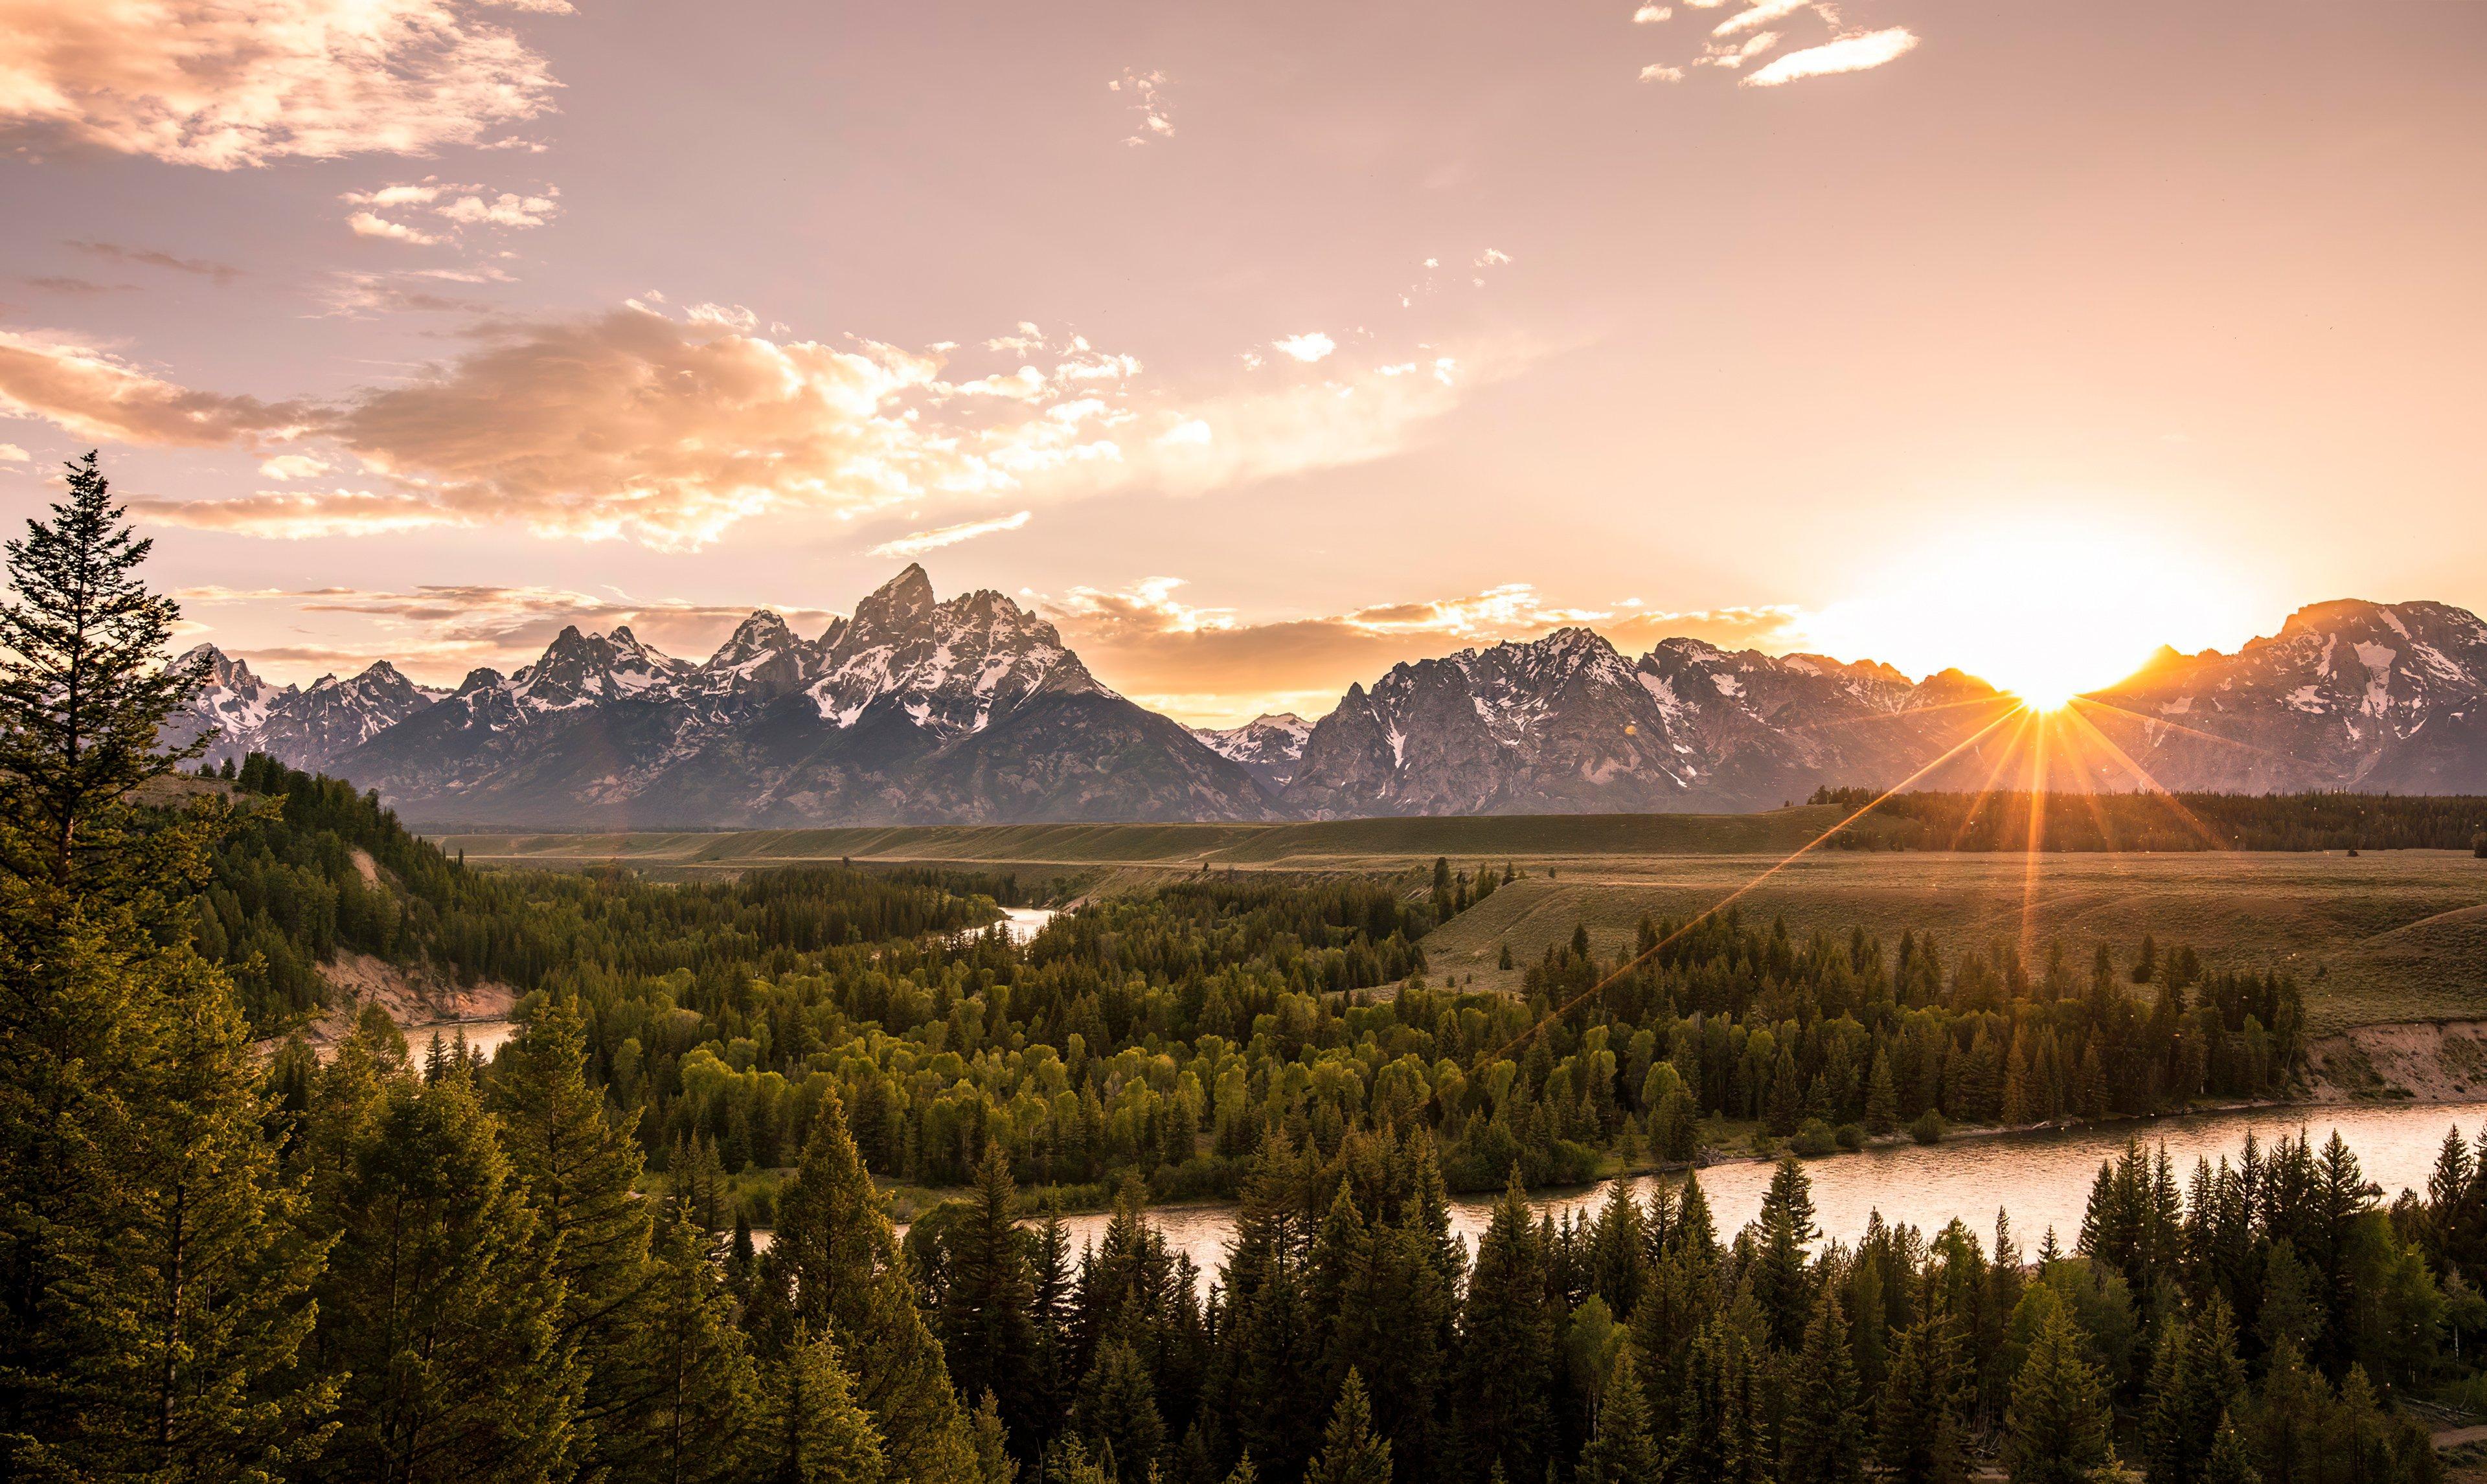 Fondos de pantalla Cordillera Teton